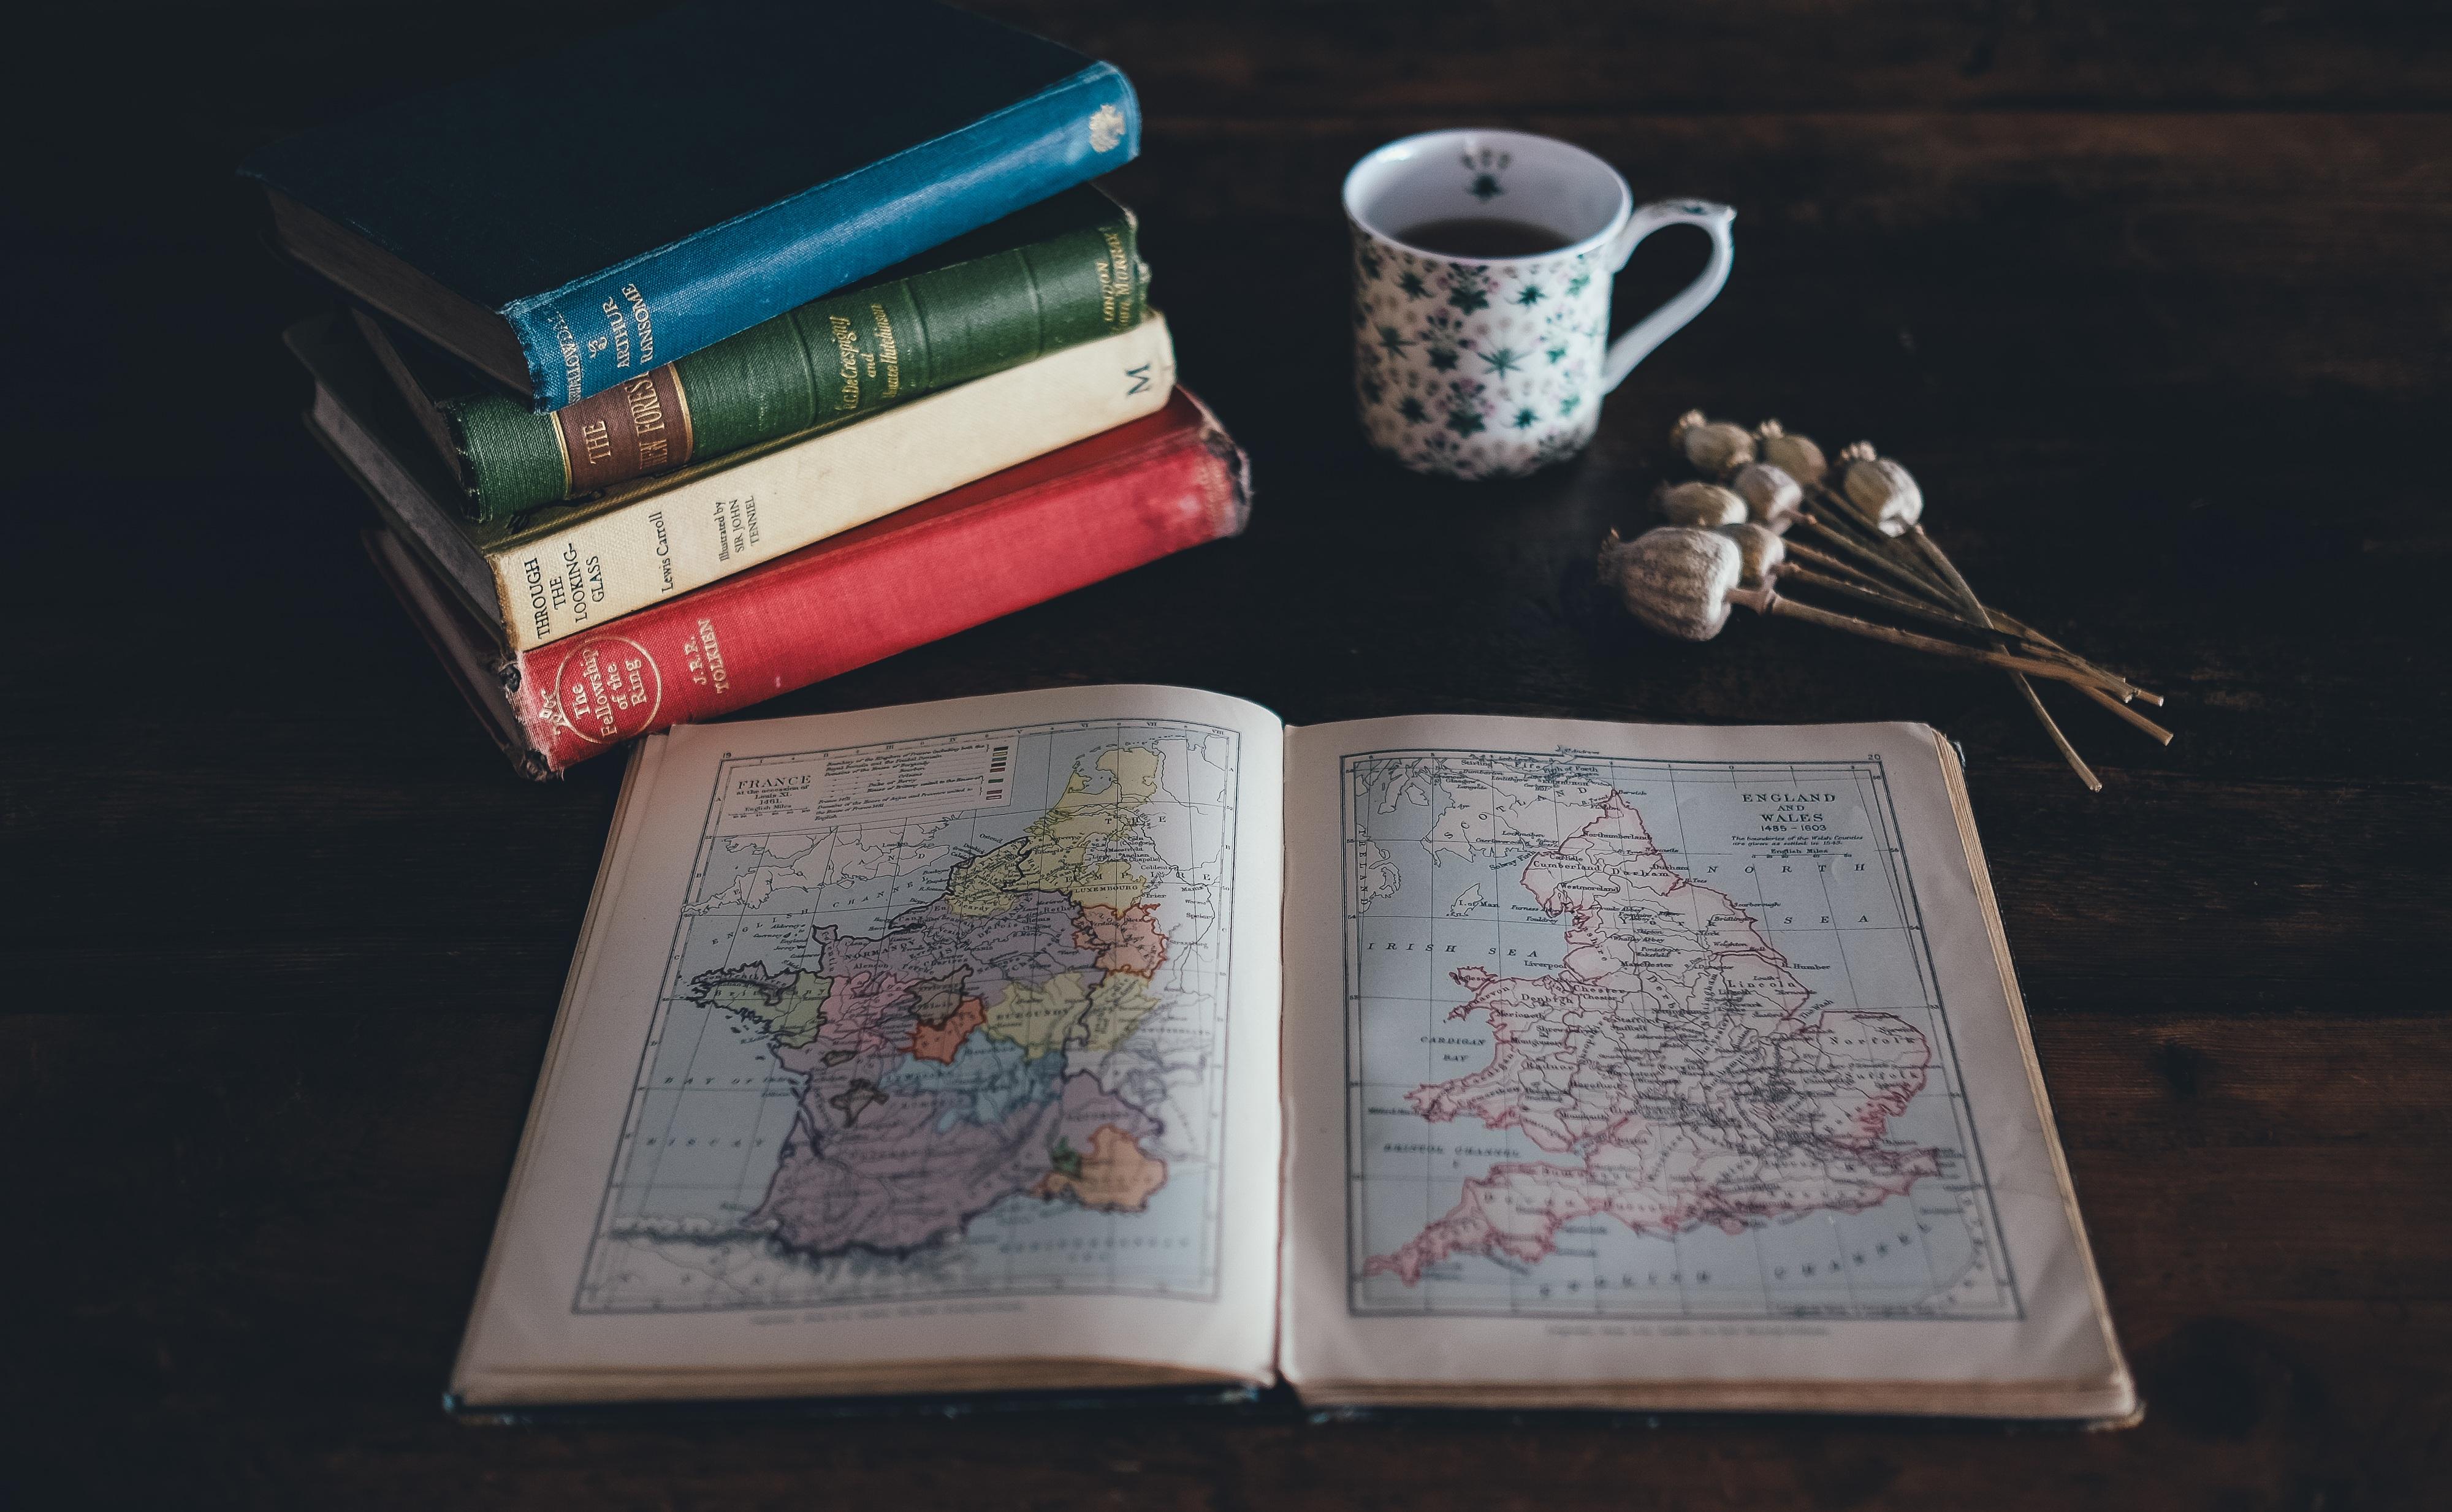 Gambar Meja Book Mengaburkan Tumpukan Mangkok